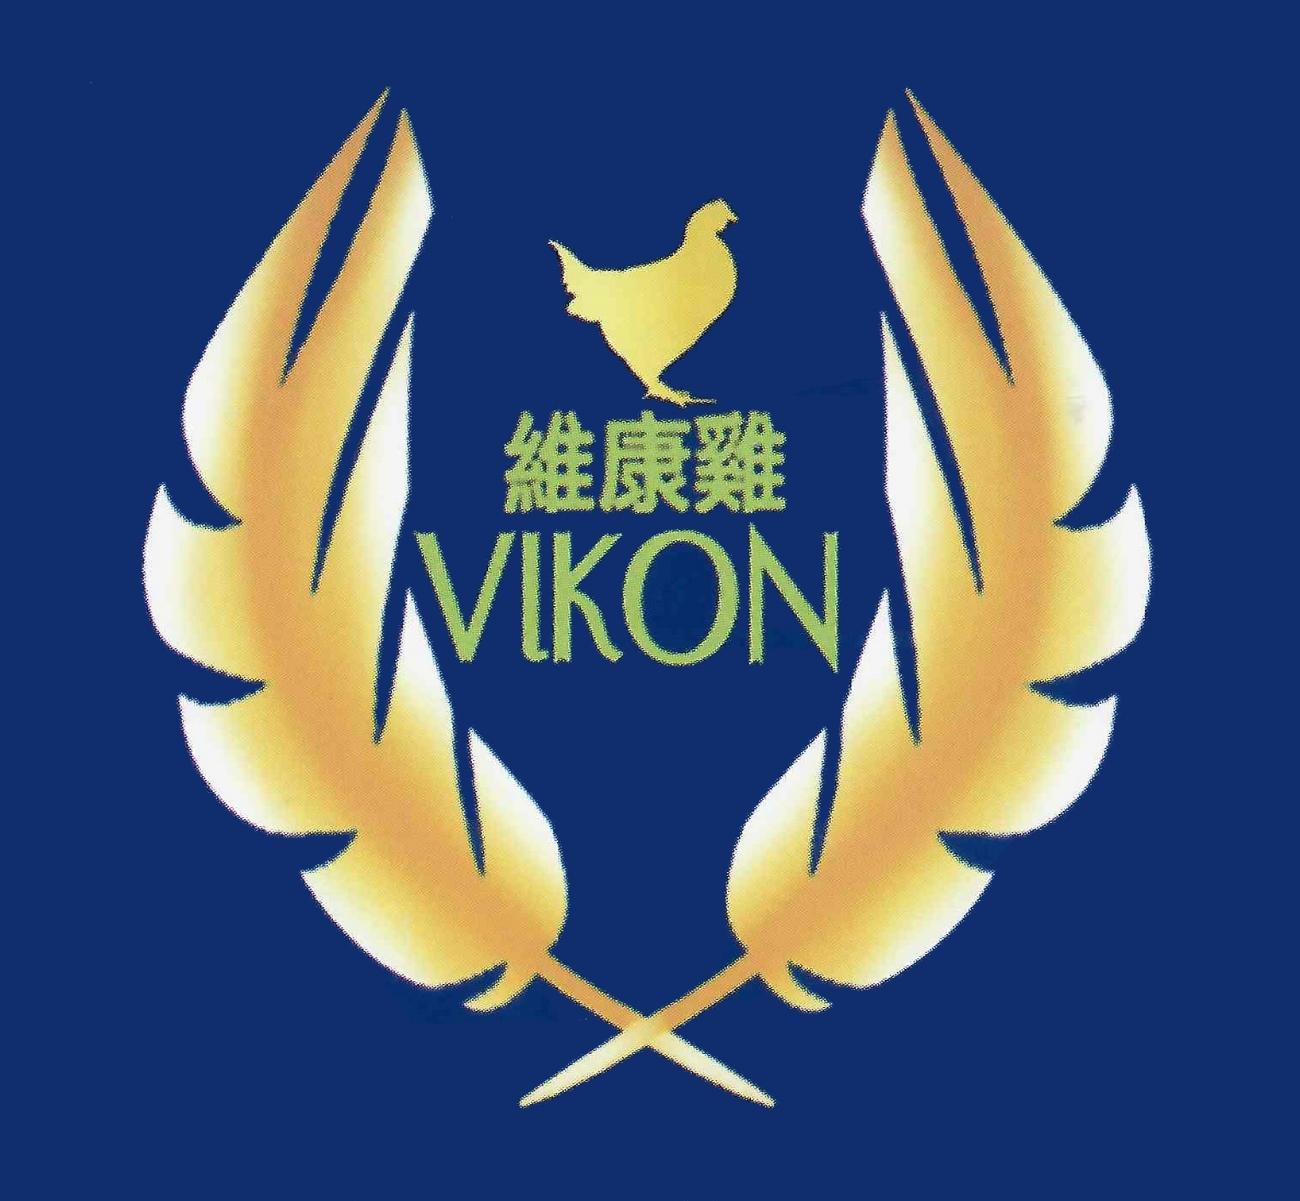 CAL-Poultry-Vikon.jpg